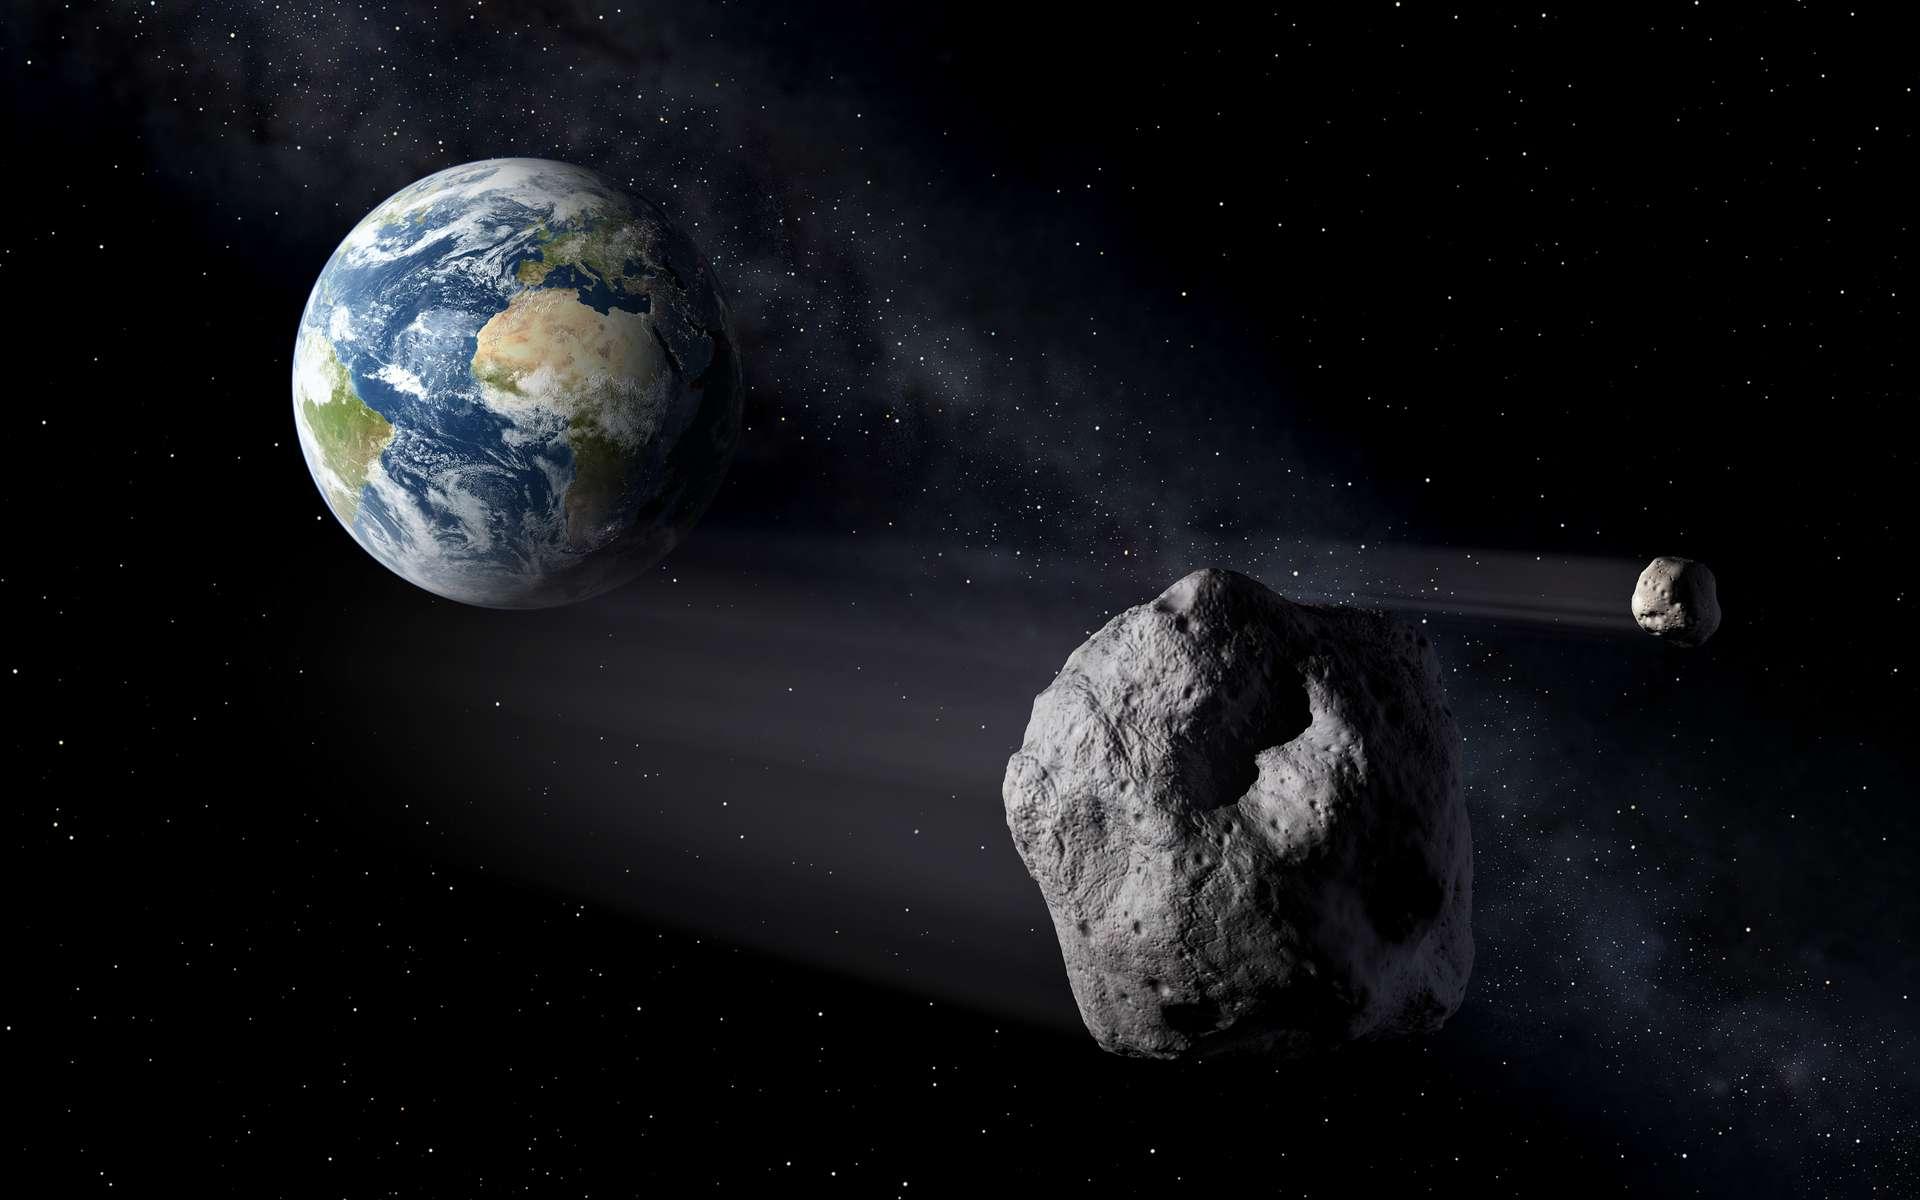 On dénombre plus de 523.000 astéroïdes, dont la taille varie de de quelques centimètres à plusieurs kilomètres. © ESA, P.Carril